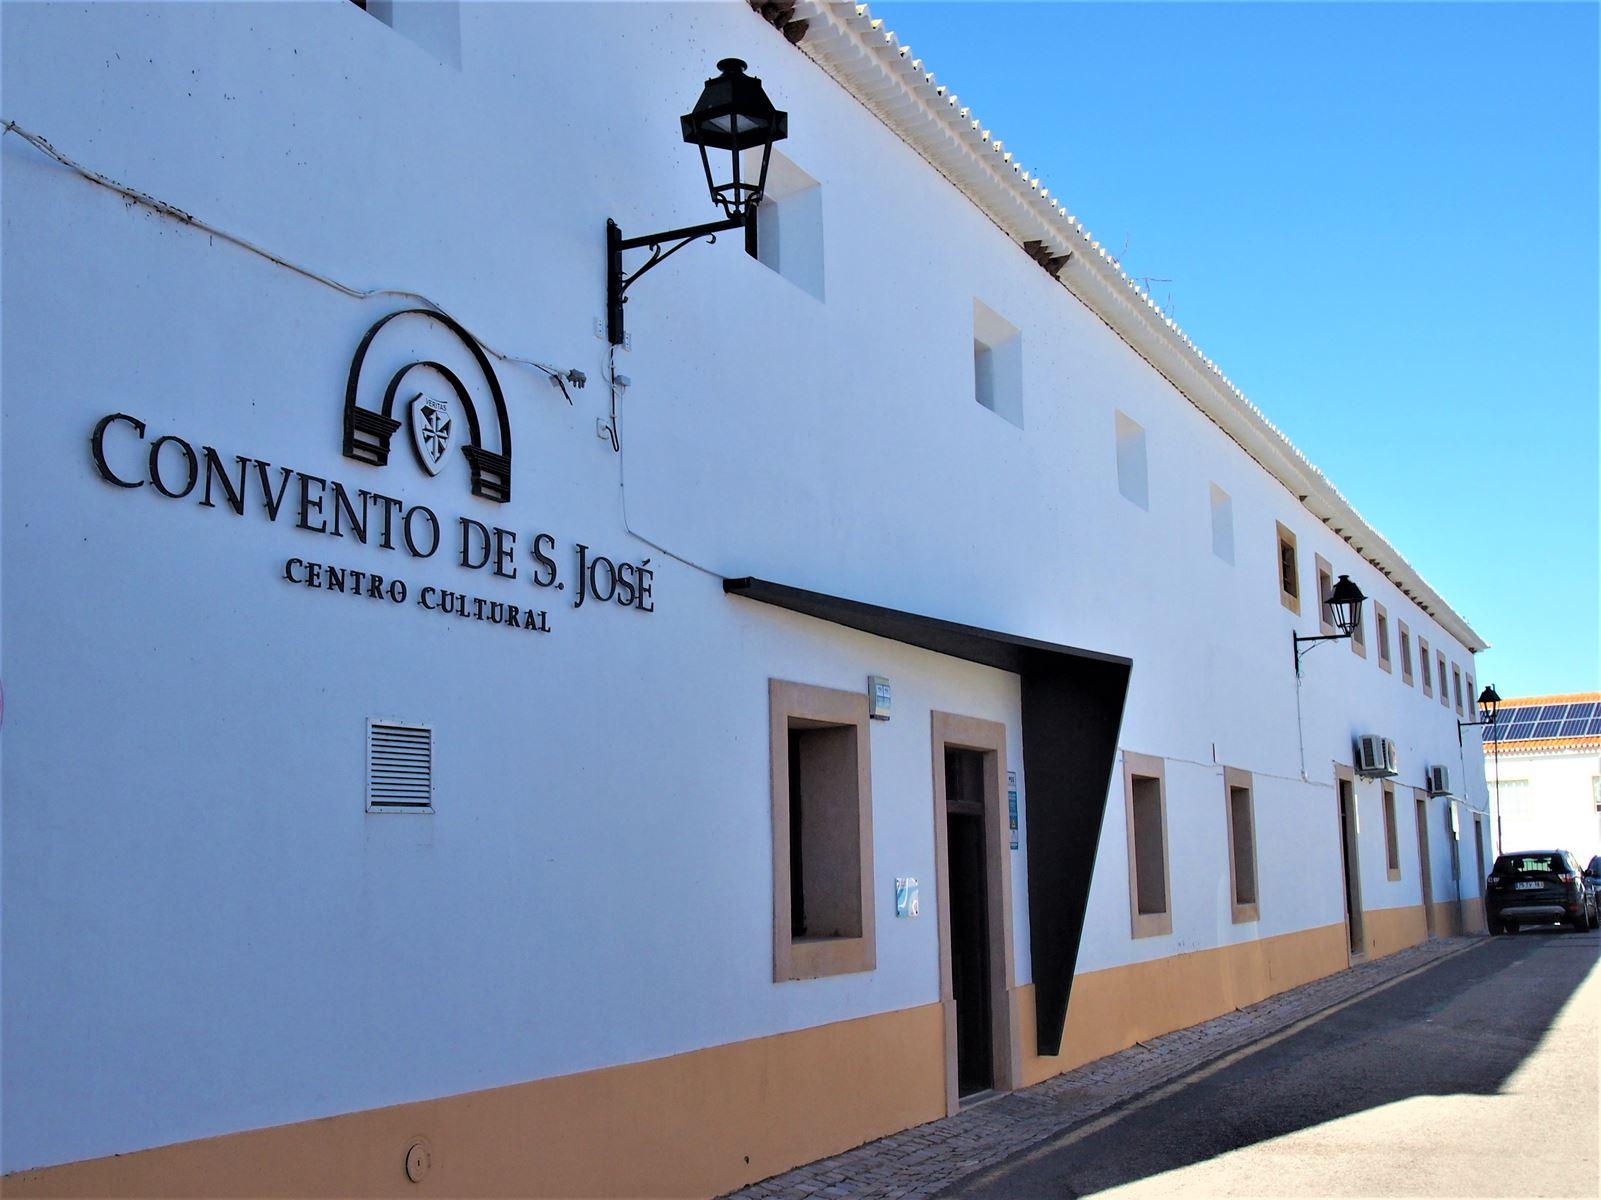 Convento de São José, Lagoa, Algarve